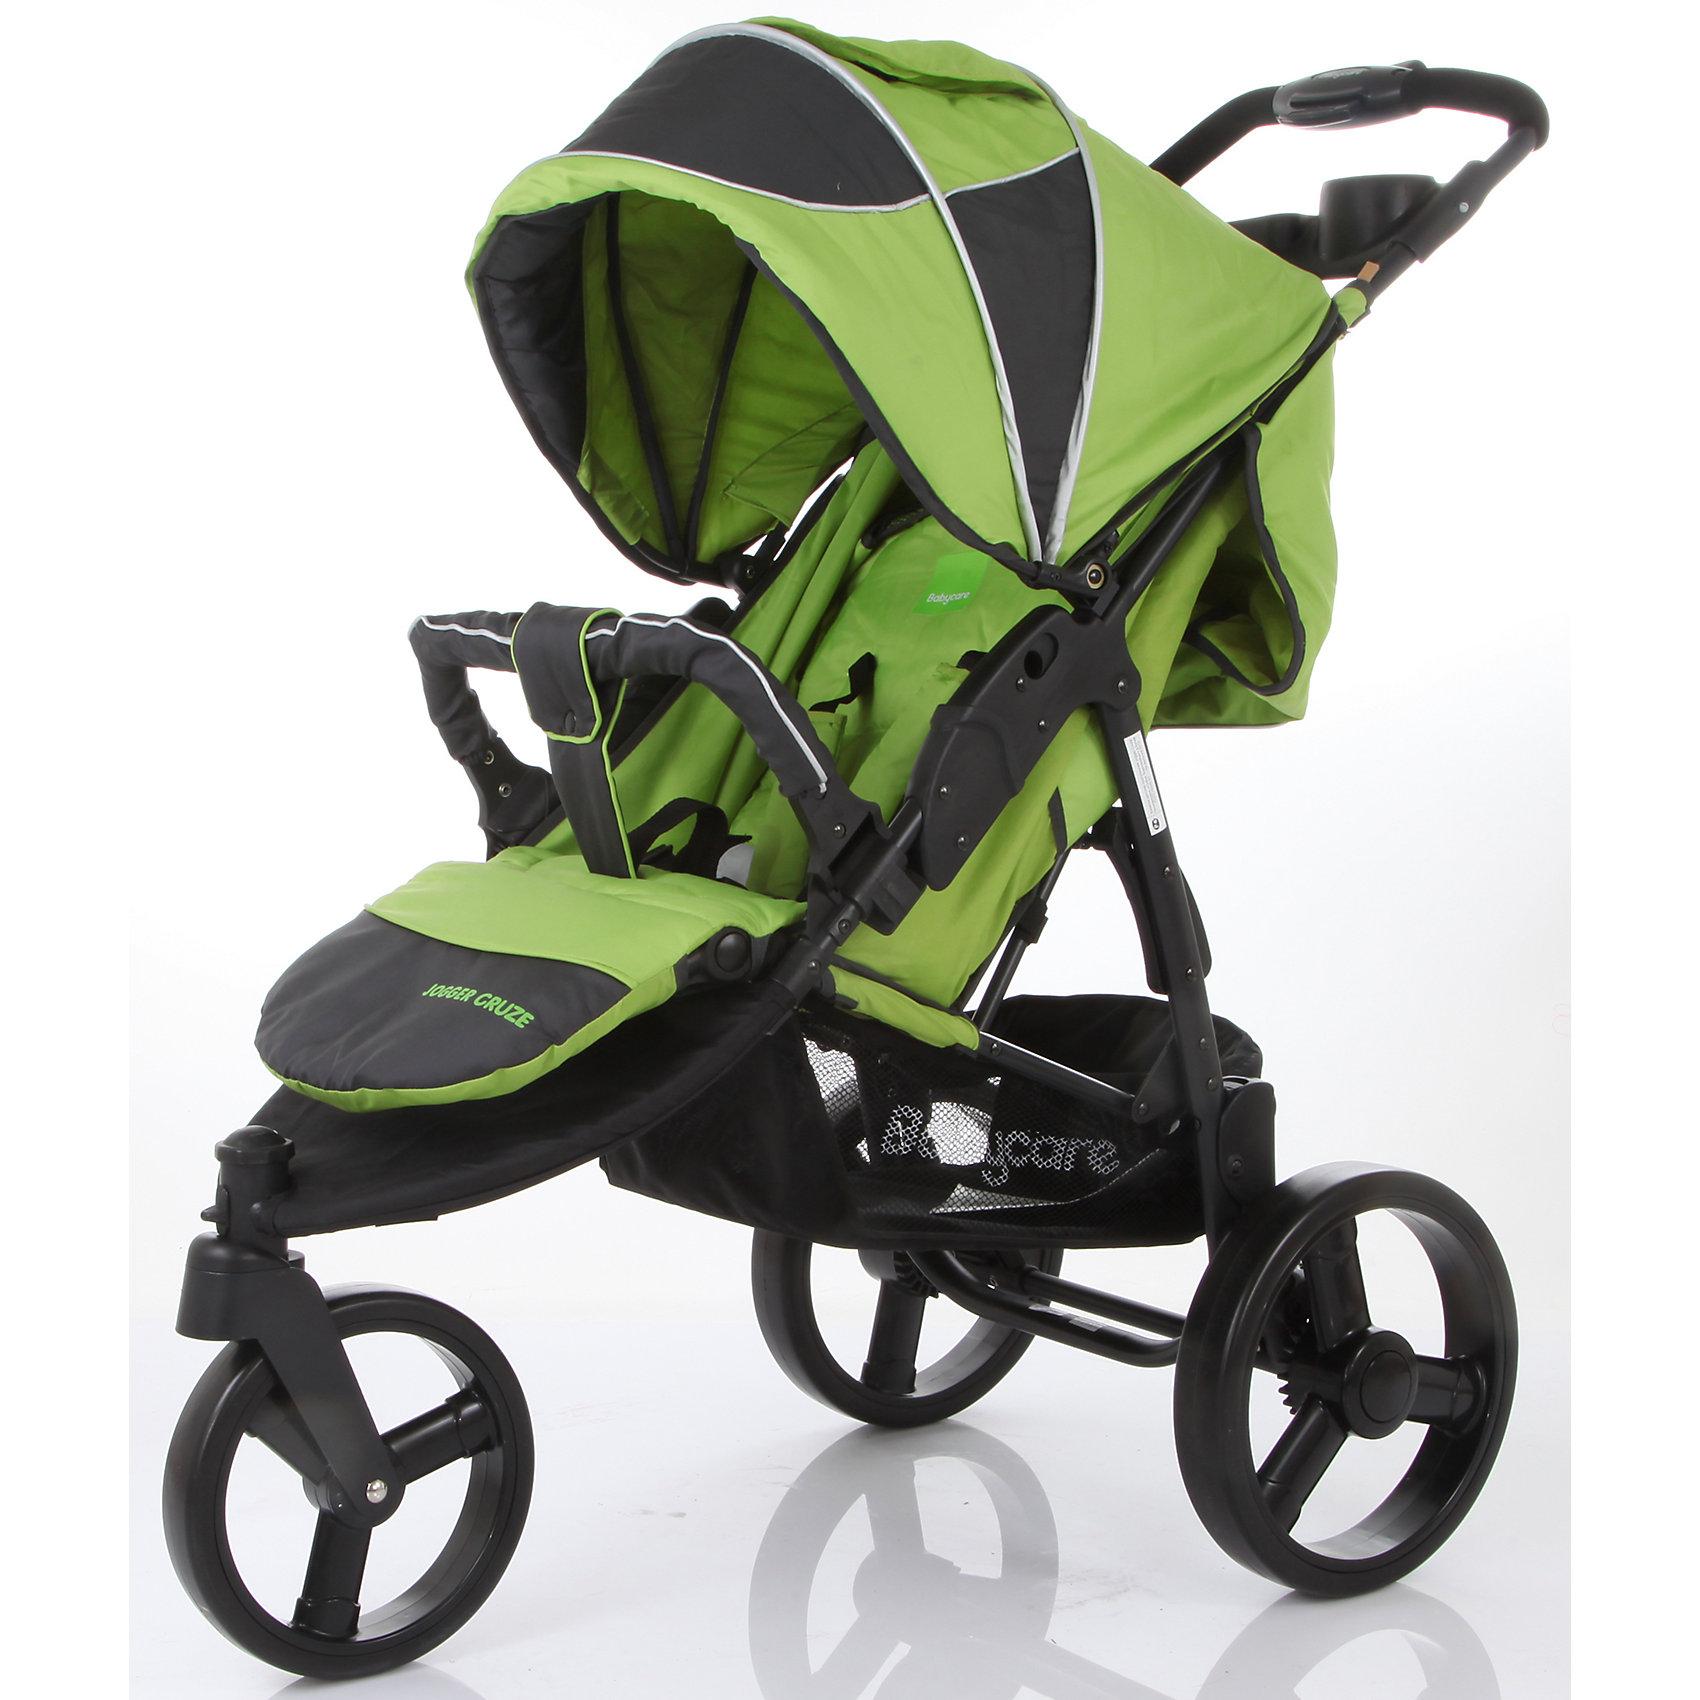 Прогулочная коляска Jogger Cruze, Baby Care, зеленыйBaby Care Jogger Cruze – трехколесная прогулочная коляска на облегченной алюминиевой раме. Даная модель отлично подойдет для динамичных молодых родителей. Колеса большого диаметра обеспечивают хороший плавный ход, маневренность, высокую проходимость. Переднее колесо - поворотное с функцией фиксации, для более удобного движения по прямой. Модель идеально подходит для любых погодных условий. Материал коляски имеет водоотталкивающую пропитку. Капюшон защищает от снега, воды и солнца, опускается до бампера, в комплект входит утепленная накидка для ног. Для комфортного сна ребенка в любой ситуации и в любом месте, регулируемая спинка может откидываться до почти горизонтального положения. 5-титочечные ремни  и съемный бампер с мягкой накладкой подарят комфорт и безопасность крохе. Для удобства родителей модель оснащена съемным столиком с двумя подстаканниками и большой сетчатой корзиной для покупок. Коляска легко складывается, занимает мало места при хранении и транспортировке, колеса снимаются. <br><br>Дополнительная информация:<br><br>- Механизм складывания: книжка.<br>- Комплектация: поднос для родителей, солнцезащитный козырек, дождевик, накидка на ноги.<br>- Материал: металл, пластик, текстиль, резина.<br>- Размер: 80x53x105 см.<br>- Размер колесной базы: 53 см.<br>- Размер сиденья: 42х40 см.<br>- Длина спального места: 80 см.<br>- Высота ручки от пола: 105 см.<br>- Вес: 9 кг.<br>- Количество колес: 3.<br>- Диаметр колес: переднее -20 см, задние - 27 см.<br>- Цвет: зеленый.<br>- Переднее колесо поворотное, с возможностью блокировки.<br>- Система амортизации.<br>- Стояночный тормоз.<br>- 5-ти точечные ремни безопасности.<br>- Съемный бампер.<br>- Регулировка спинки (максимальный наклон 170 градусов).<br>- Солнцезащитный козырек.<br>- Вместительная корзина для покупок.<br>- Столик для мамы с двумя подстаканниками<br><br>Прогулочную коляску Jogger Cruze, Baby Care, зеленую, можно купить в нашем магазине.<br><br>Ширина 